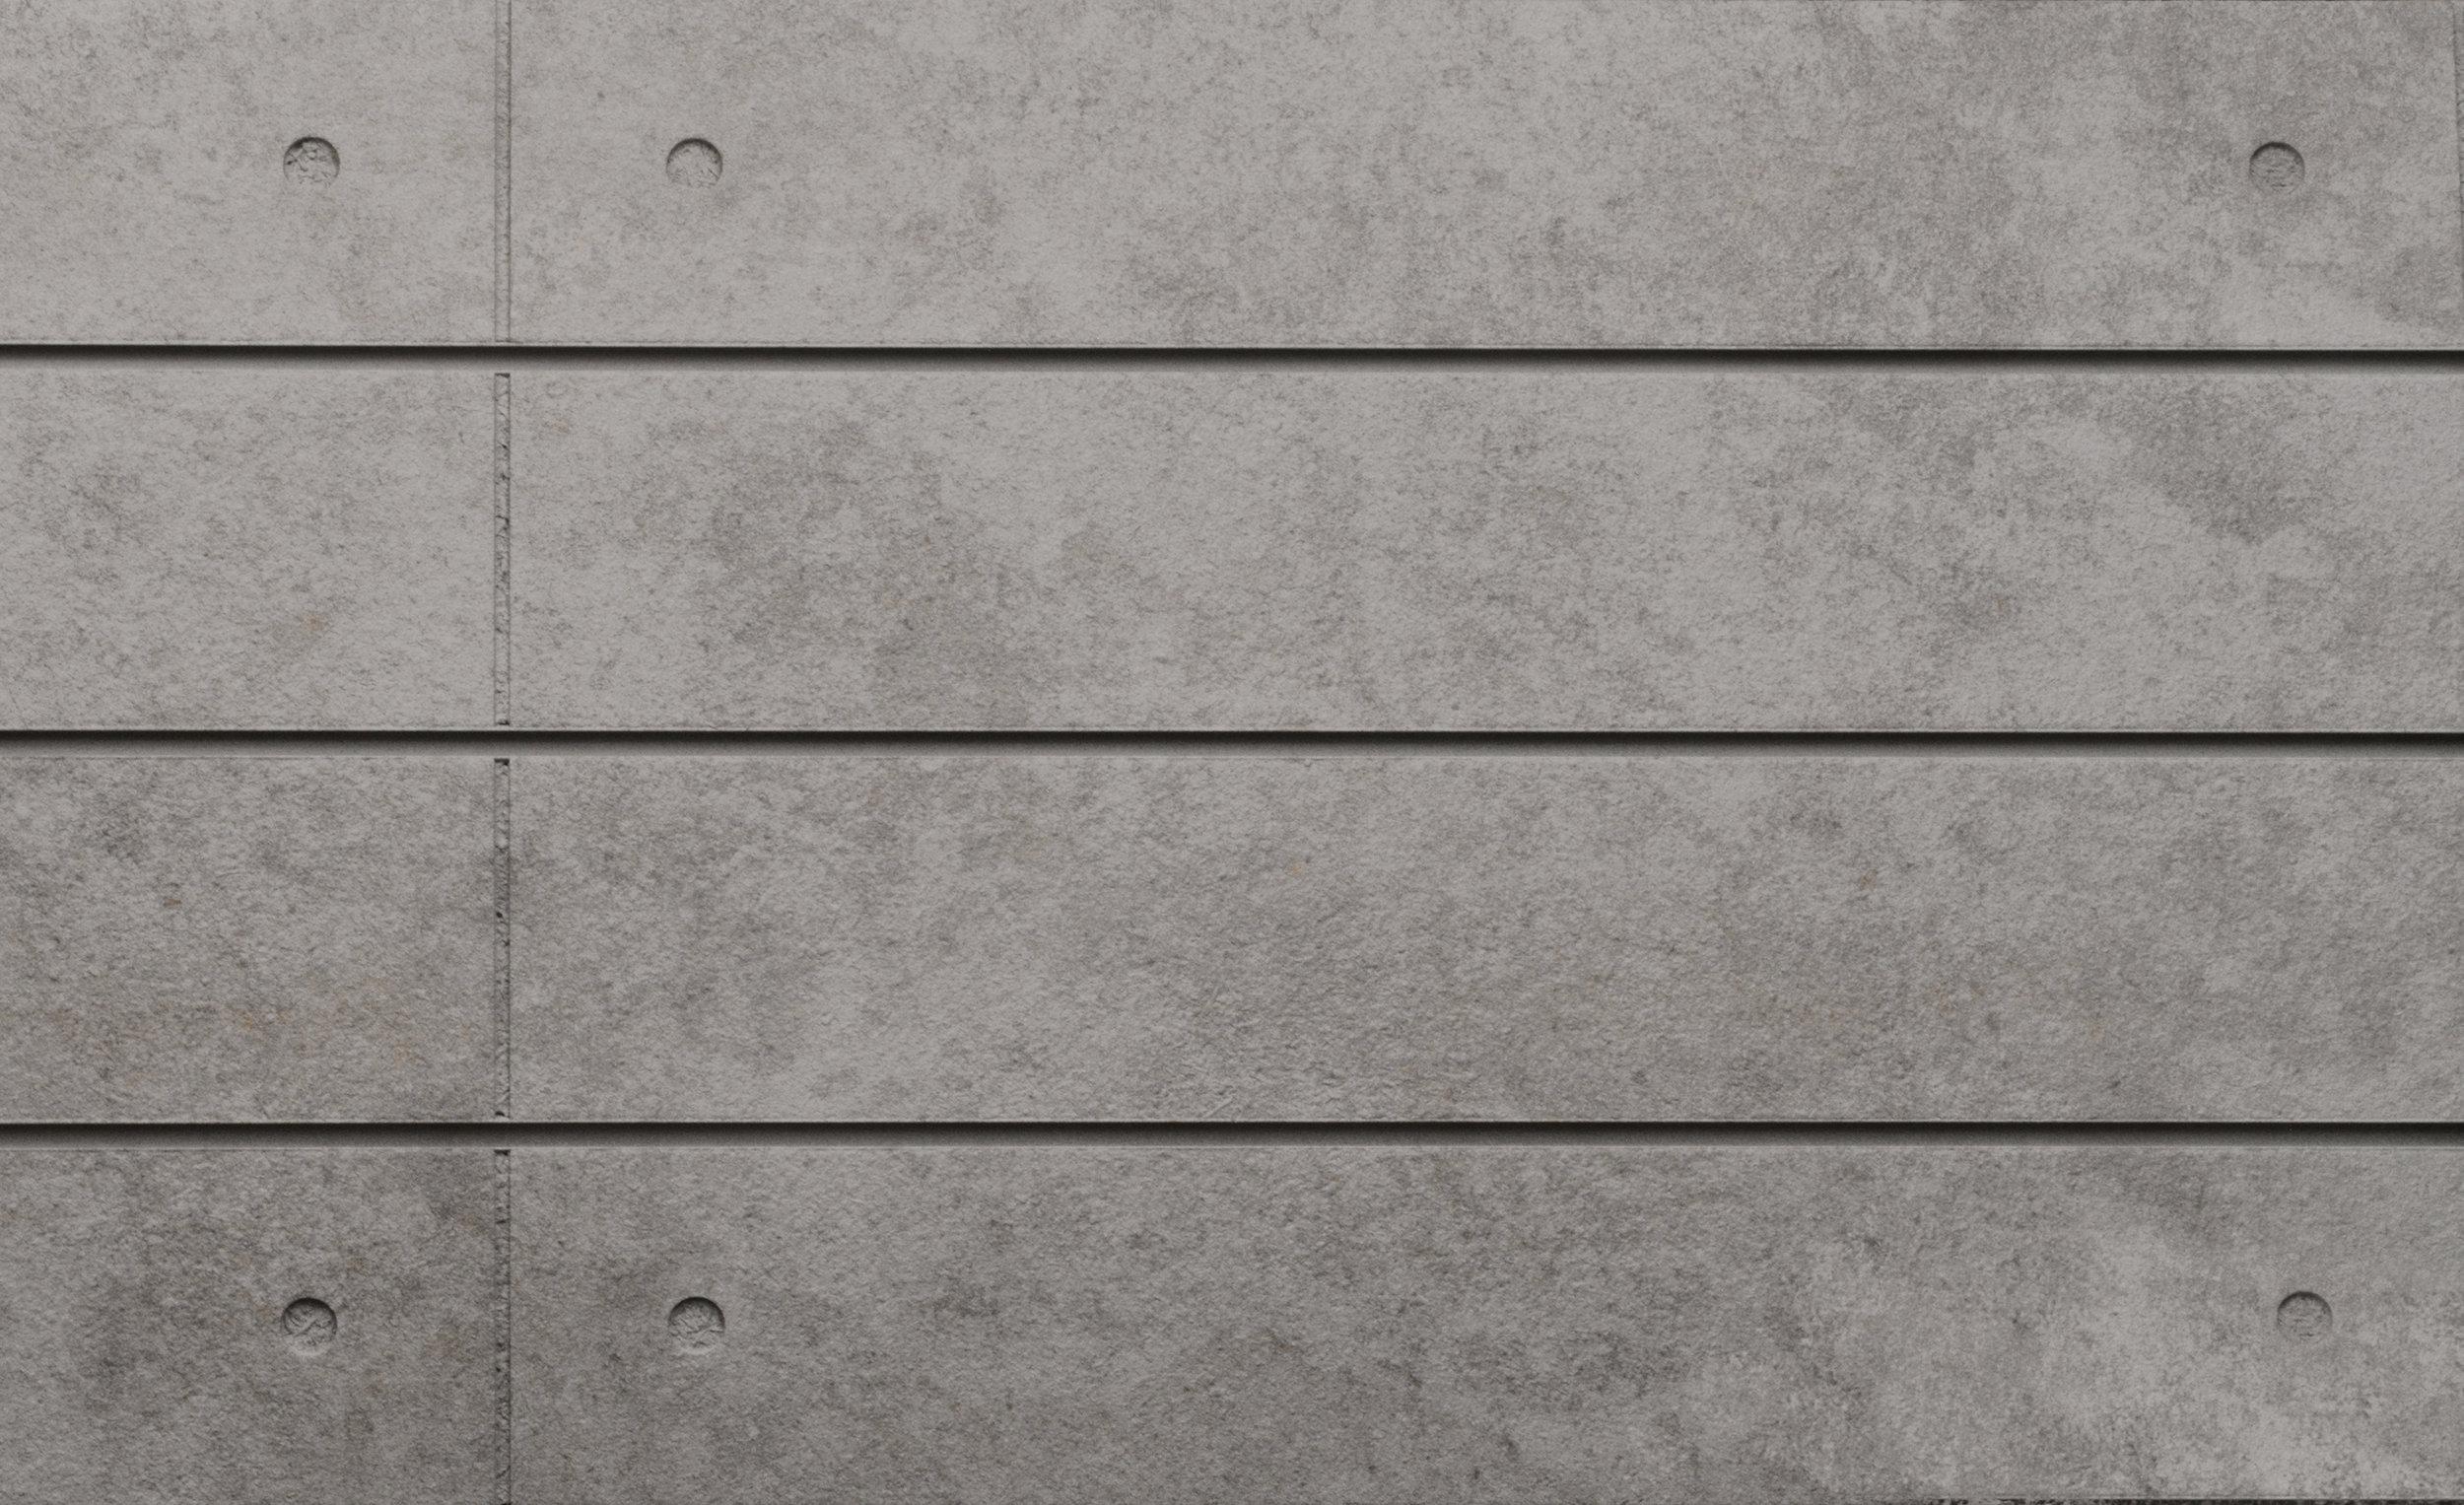 Concrete sunbaked hlf sheet.jpg